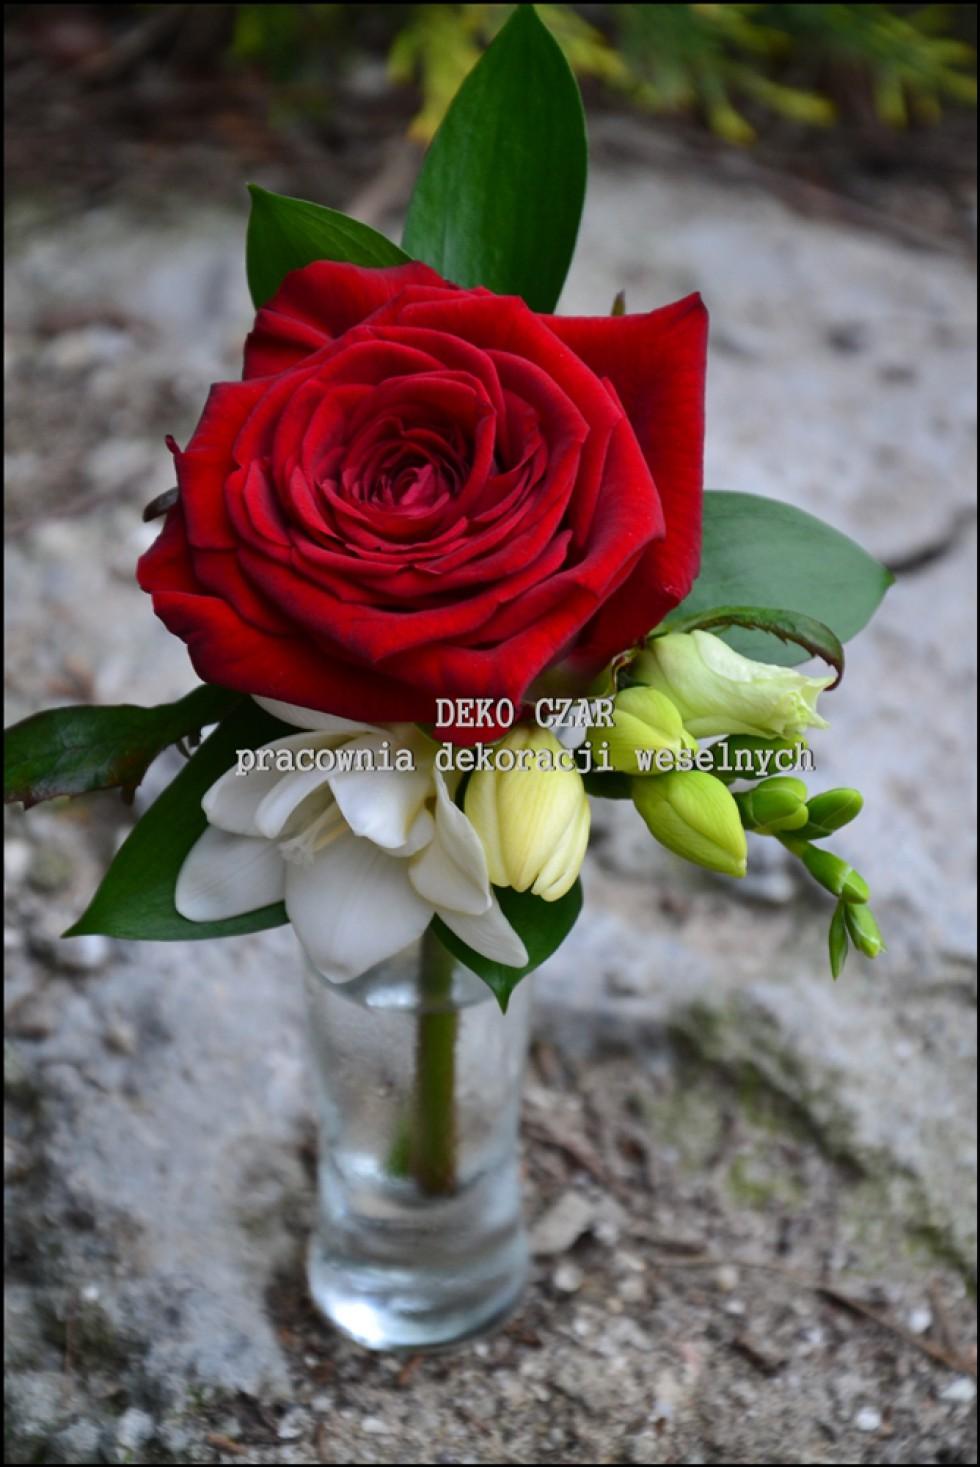 5 (2) kwiatyolesno